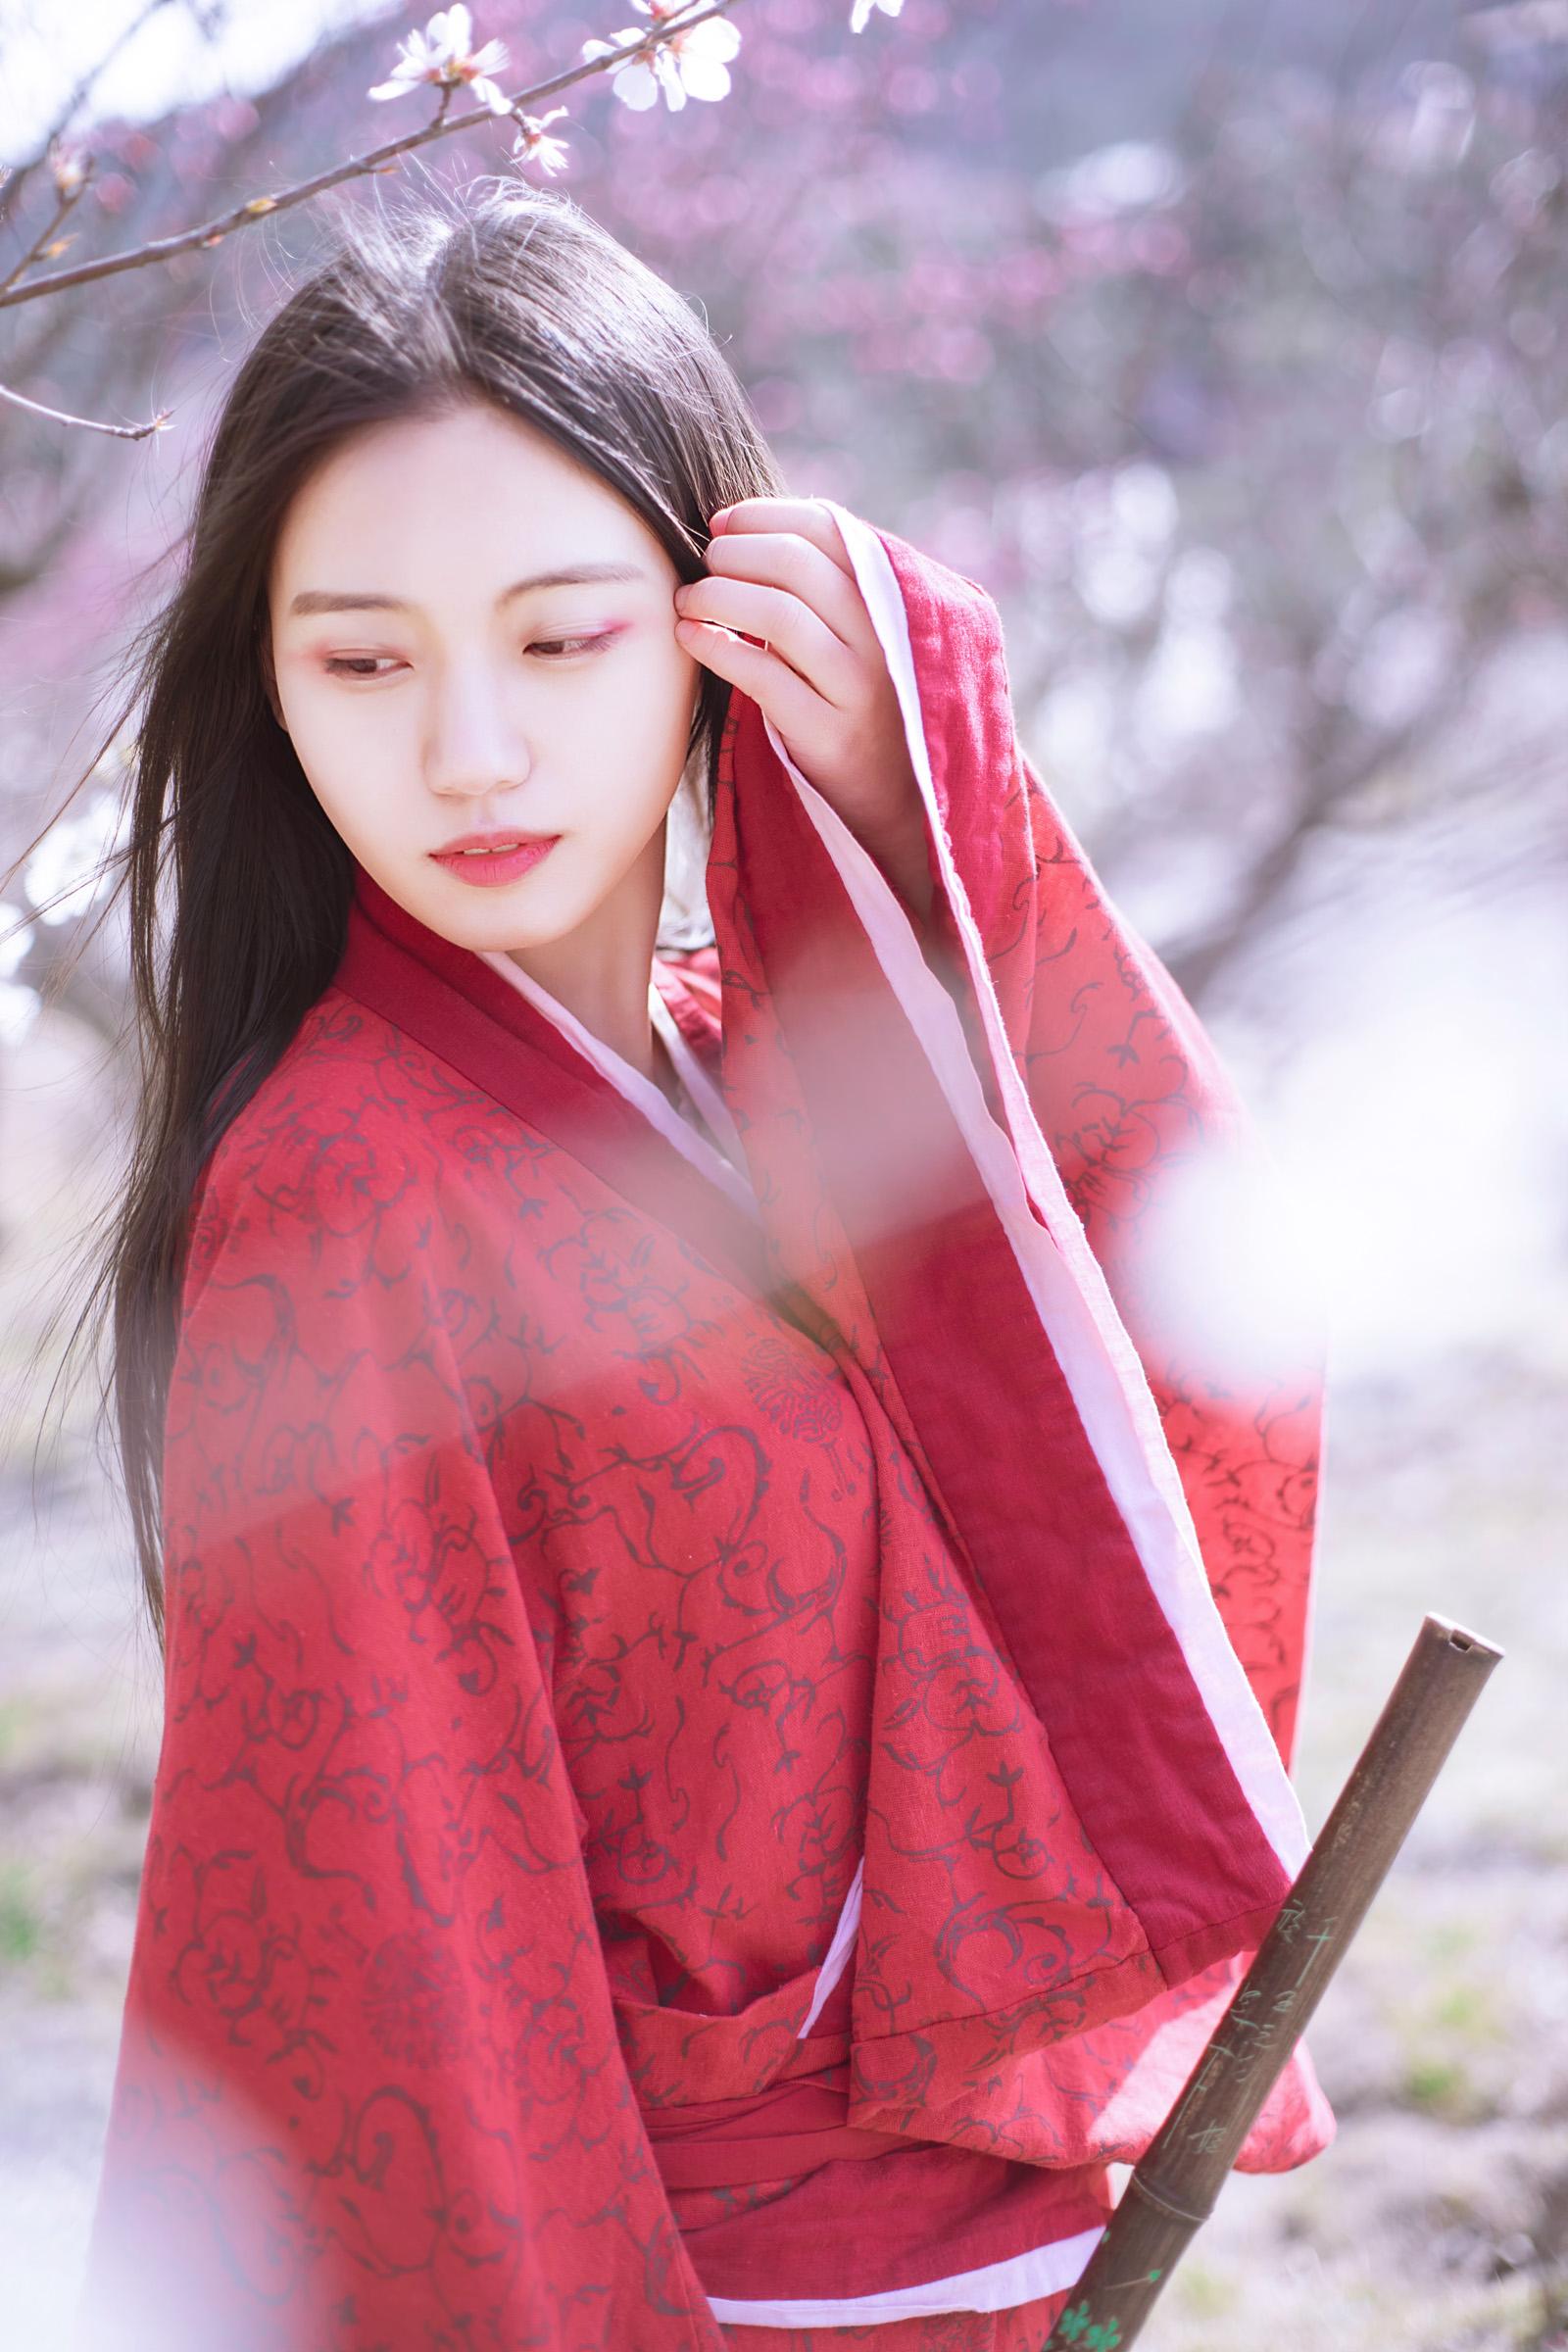 赠与 咏花仙子 轱辘体 七绝 【诗词:钟灵毓秀】 - 花仙子 - 花仙子的博客